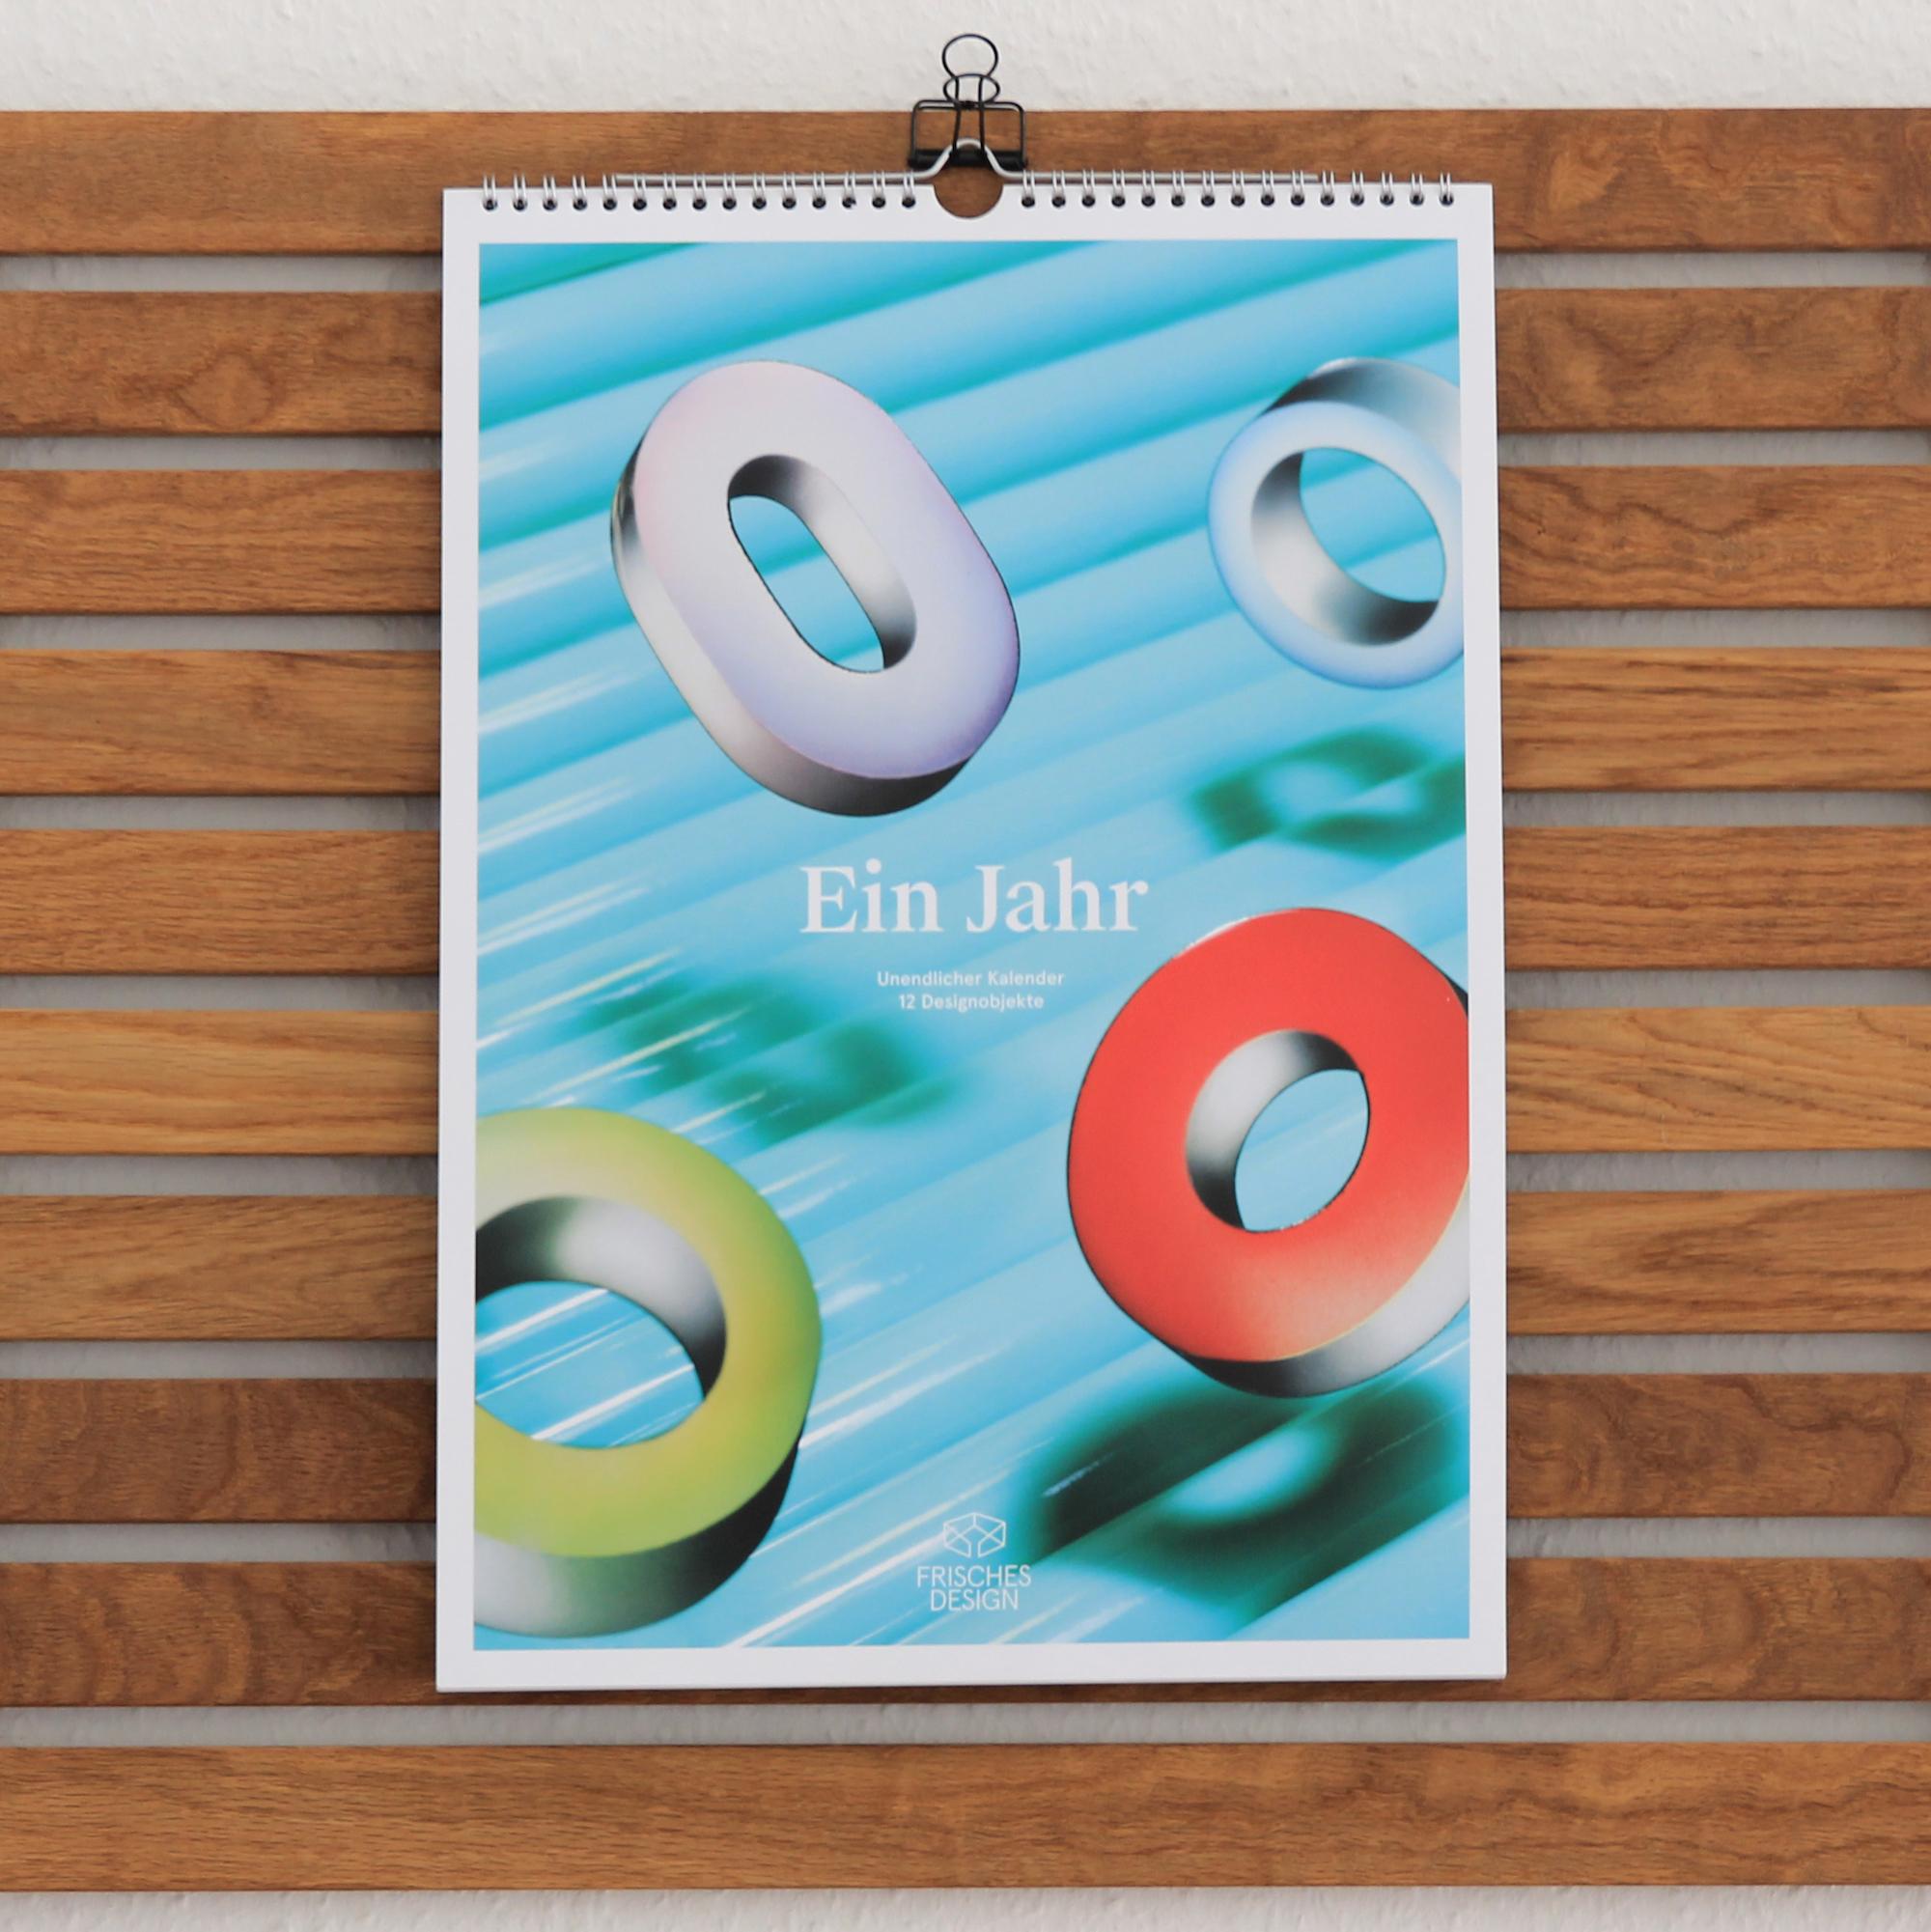 Unendlicher Kalender I FRISCHES DESIGN